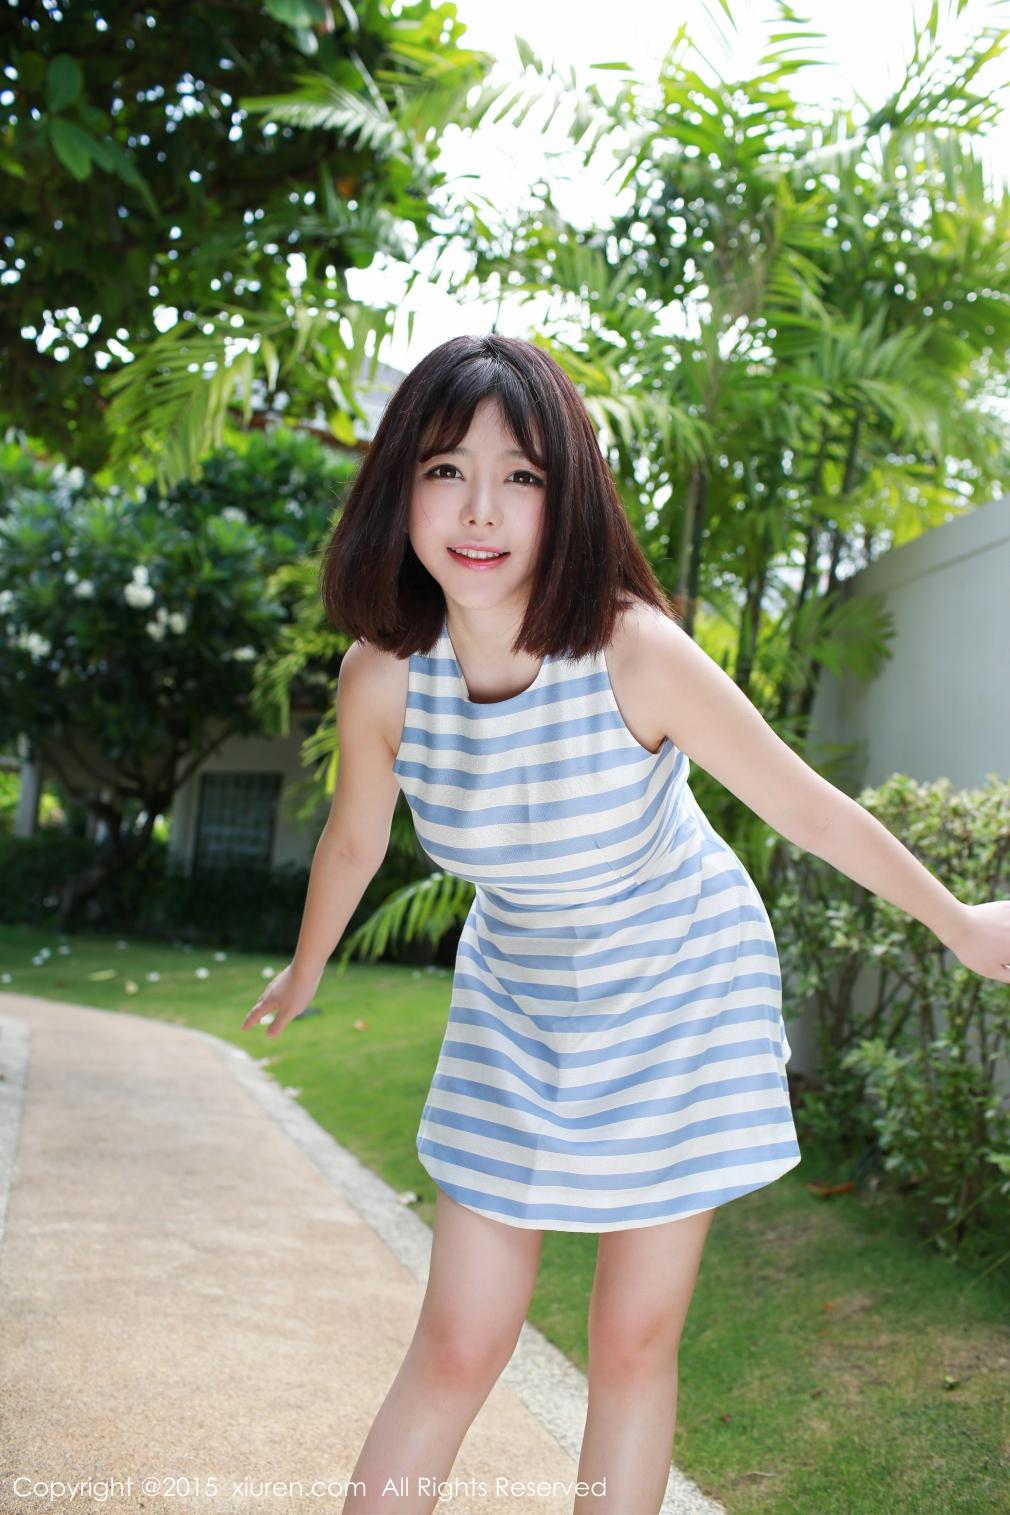 030 - XiuRen No.362 Faye